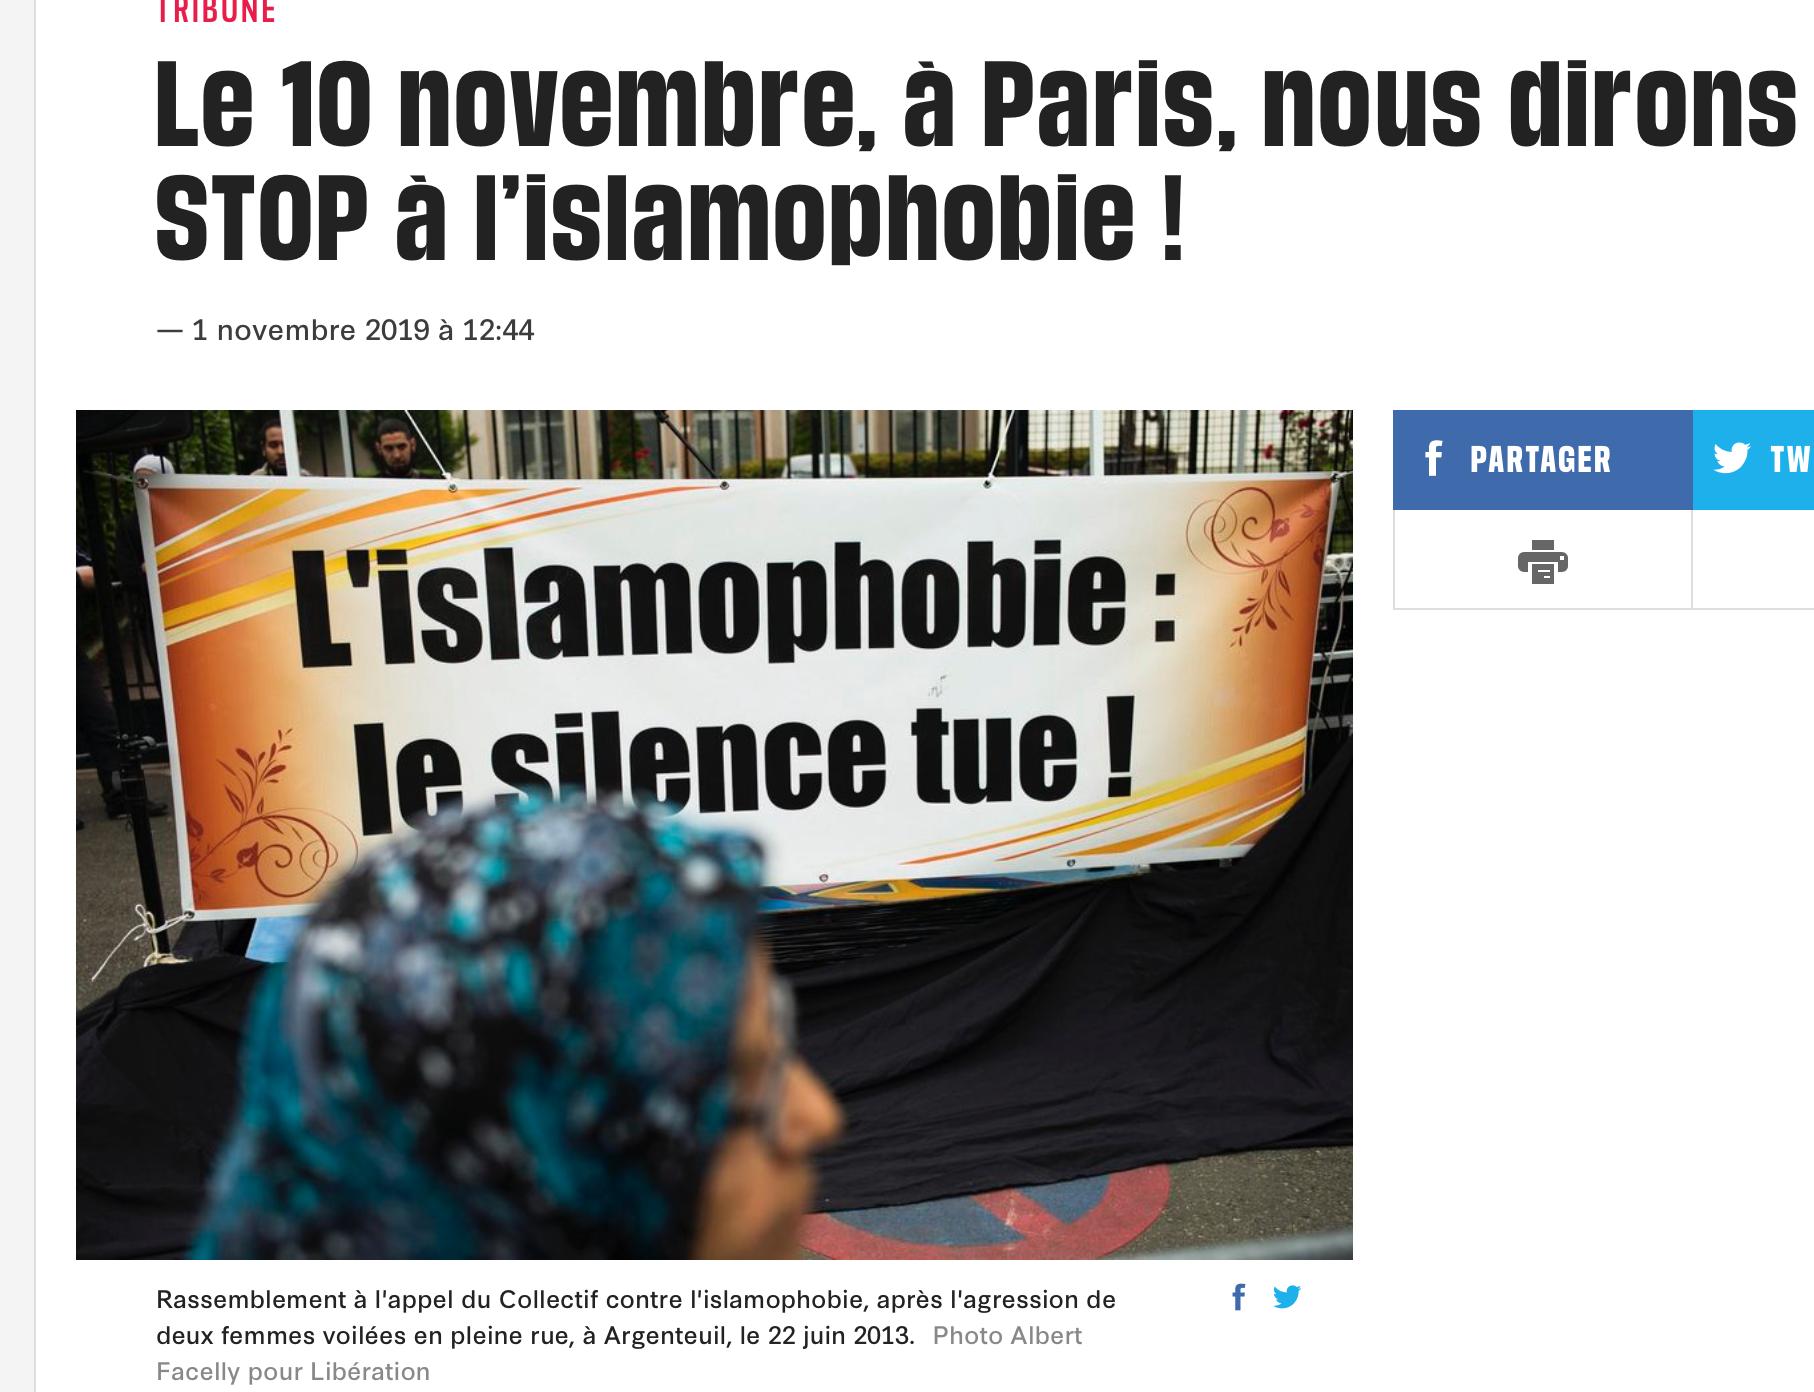 Pour commémorer le Bataclan, le 10/11/2019 les collabos manifestent pour le voile et le délit de blasphème !